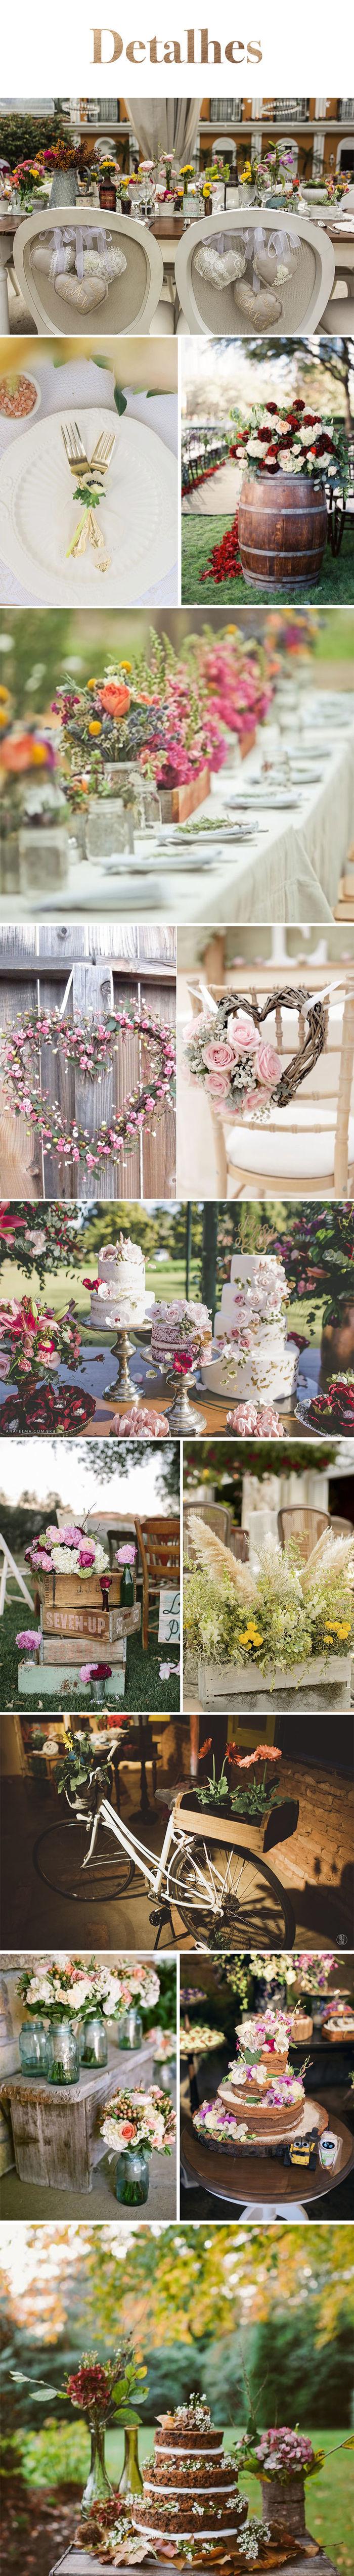 Inspiração: Casamento Boho - Detalhes